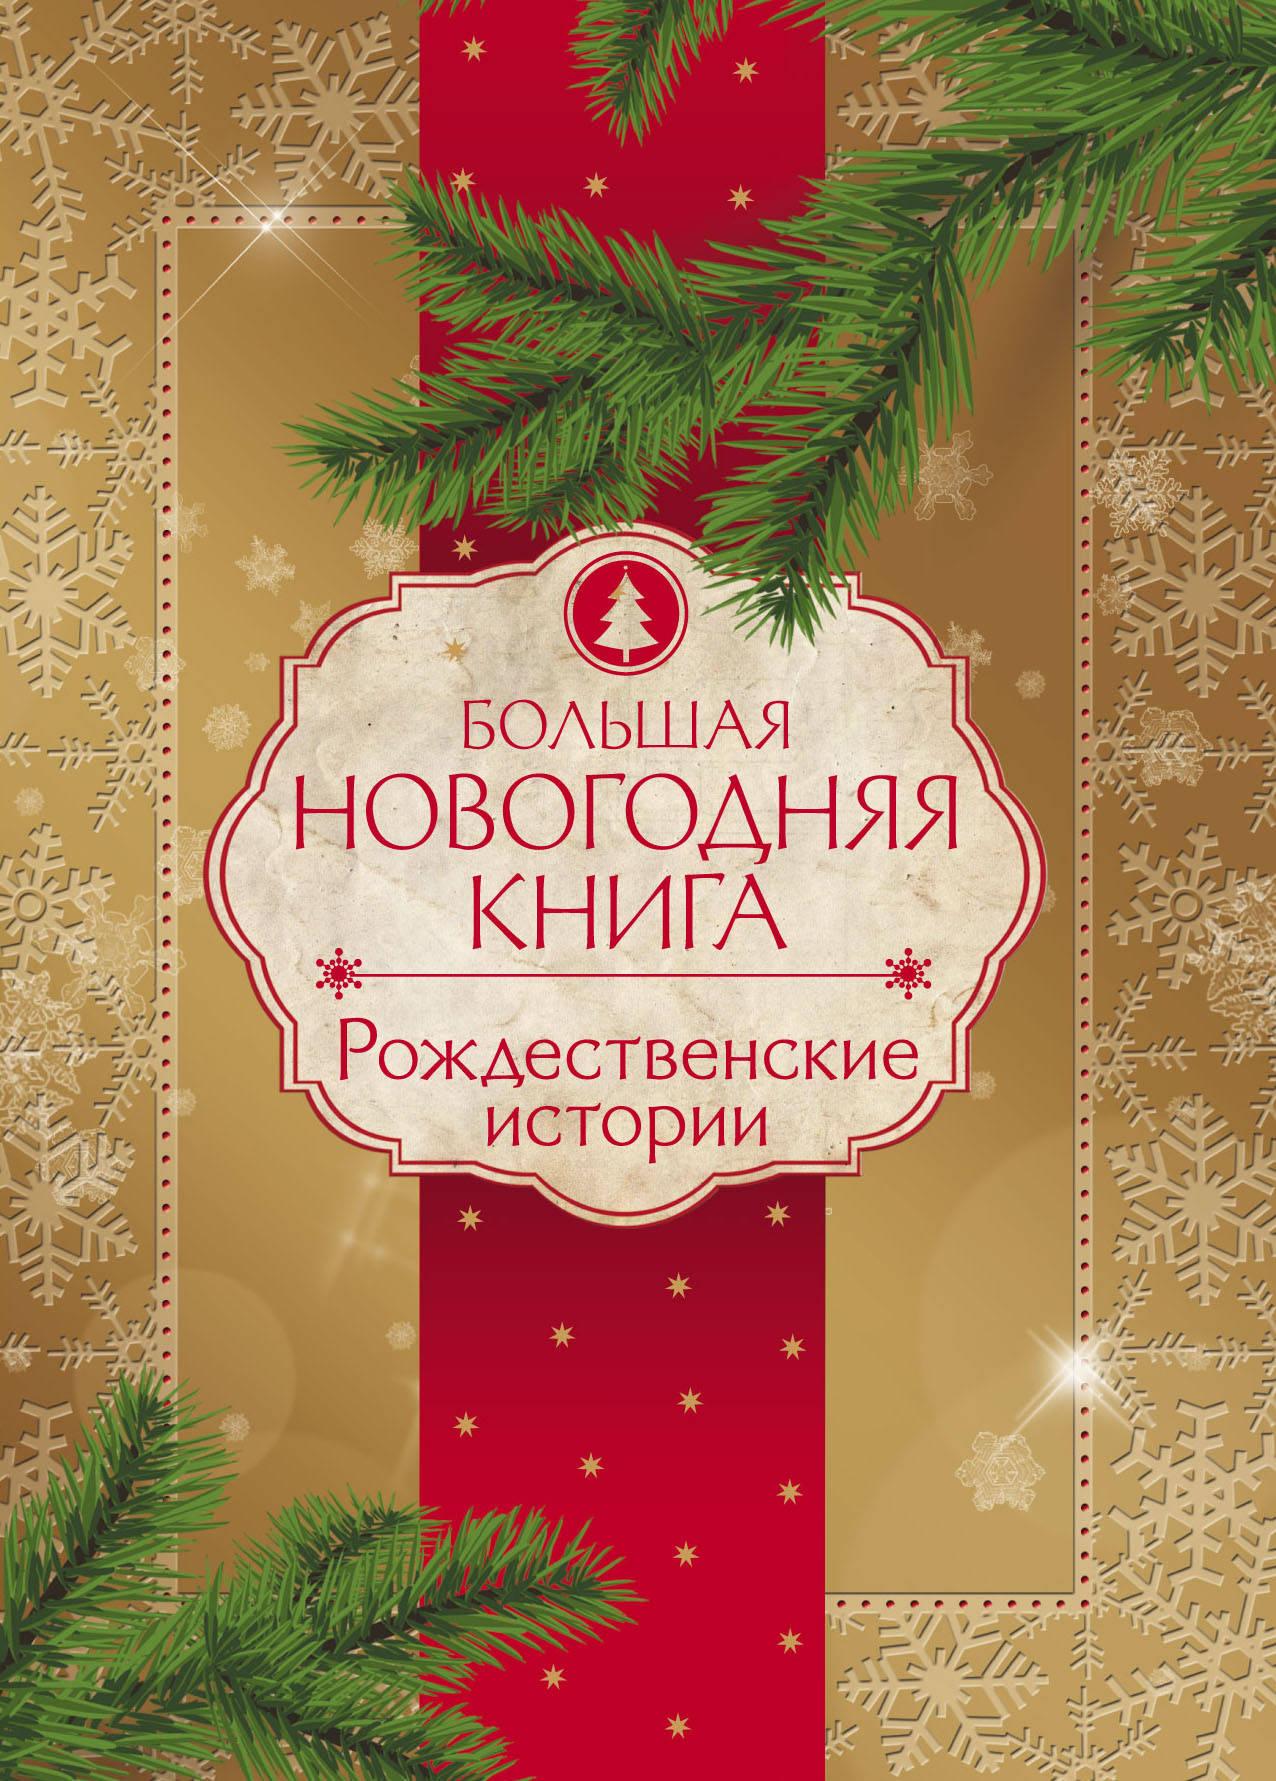 Подарочные книги к новому году